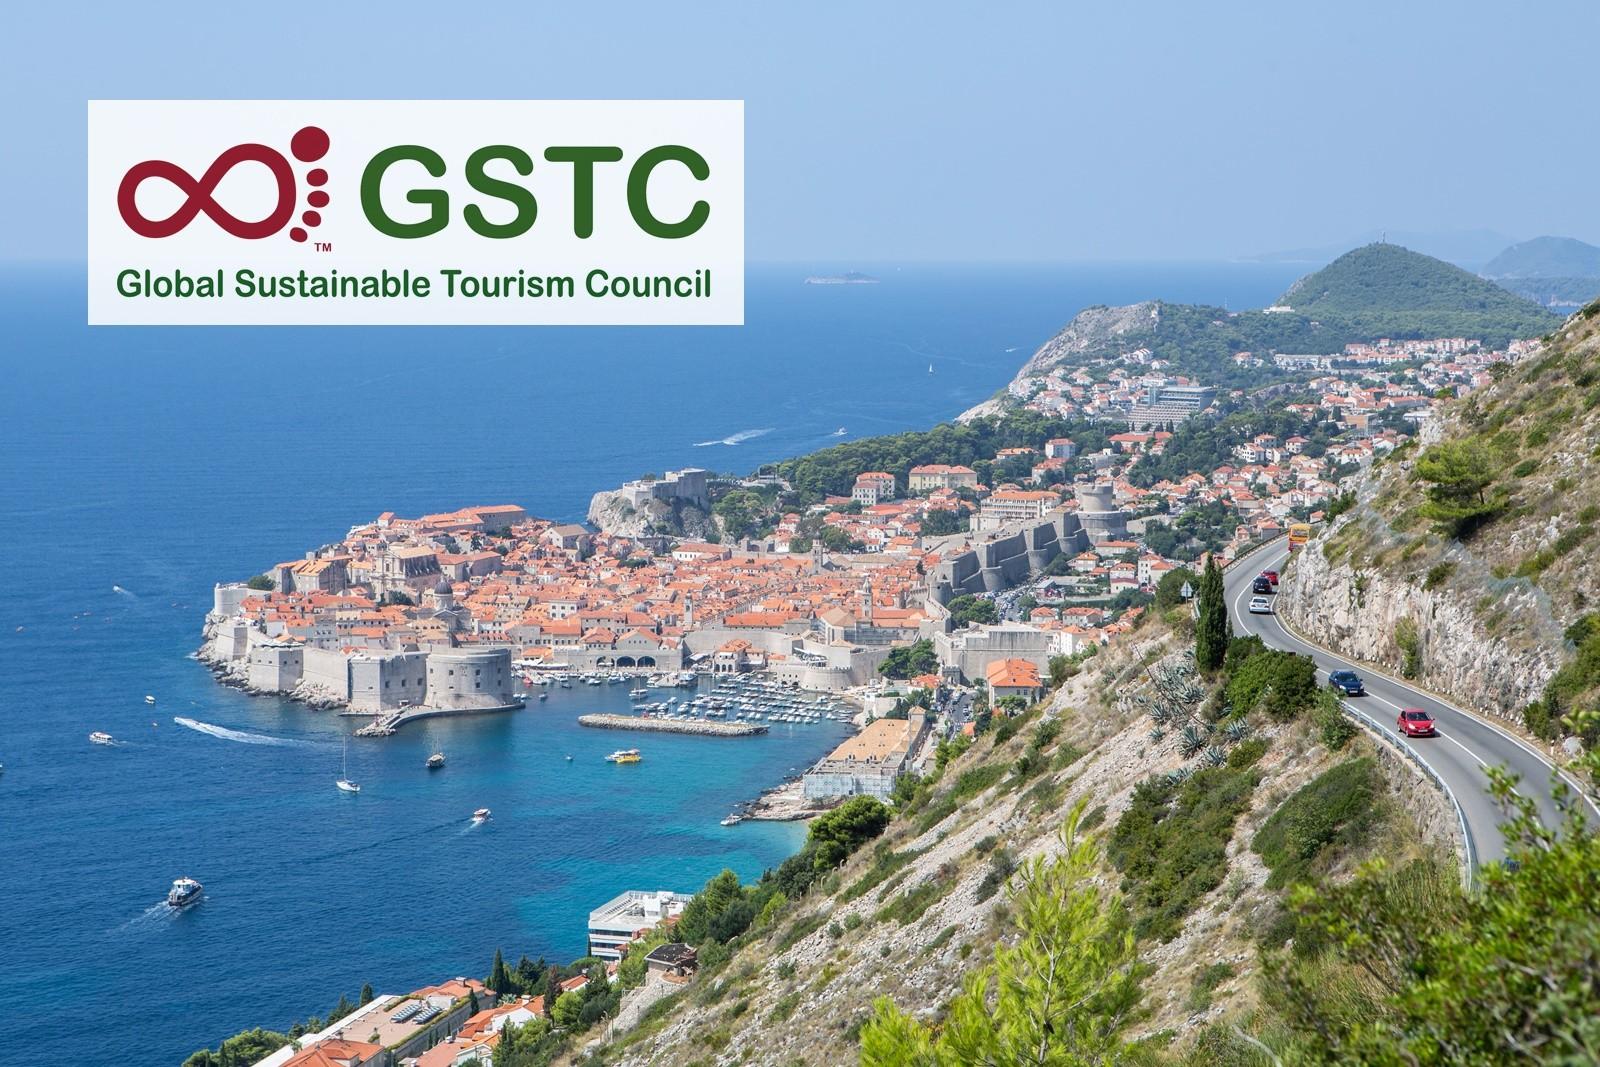 Globalno vijeće za održivi turizam provest će Ocjenu odredišta za Dubrovnik